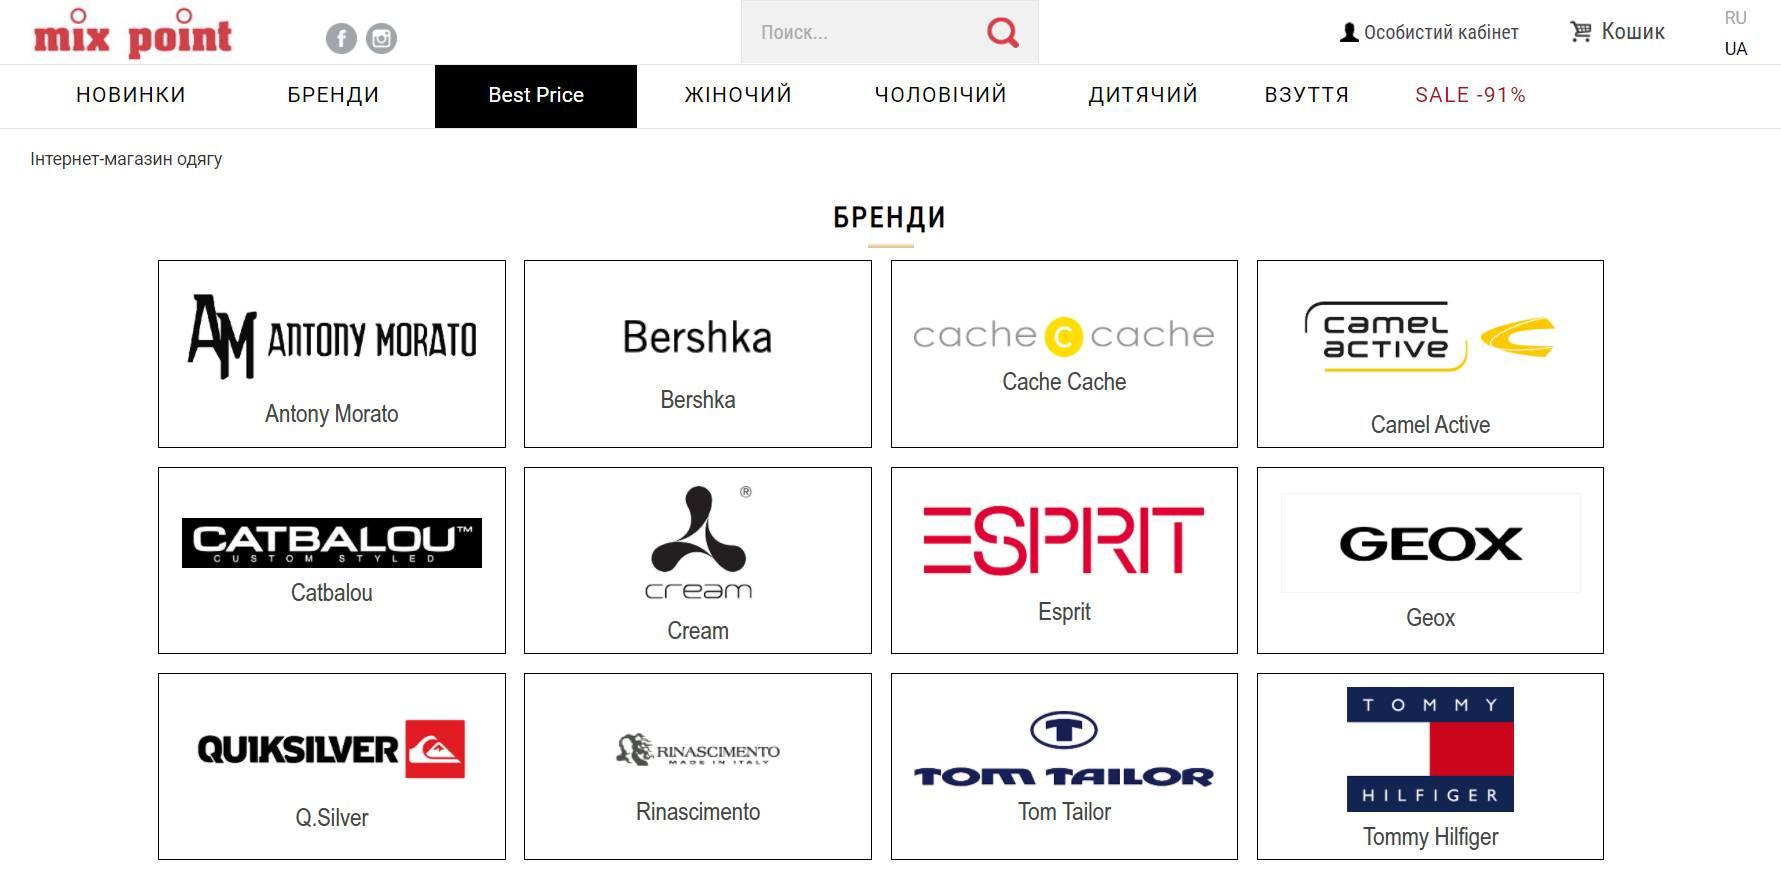 Мультибрендовый интернет-магазин одежды